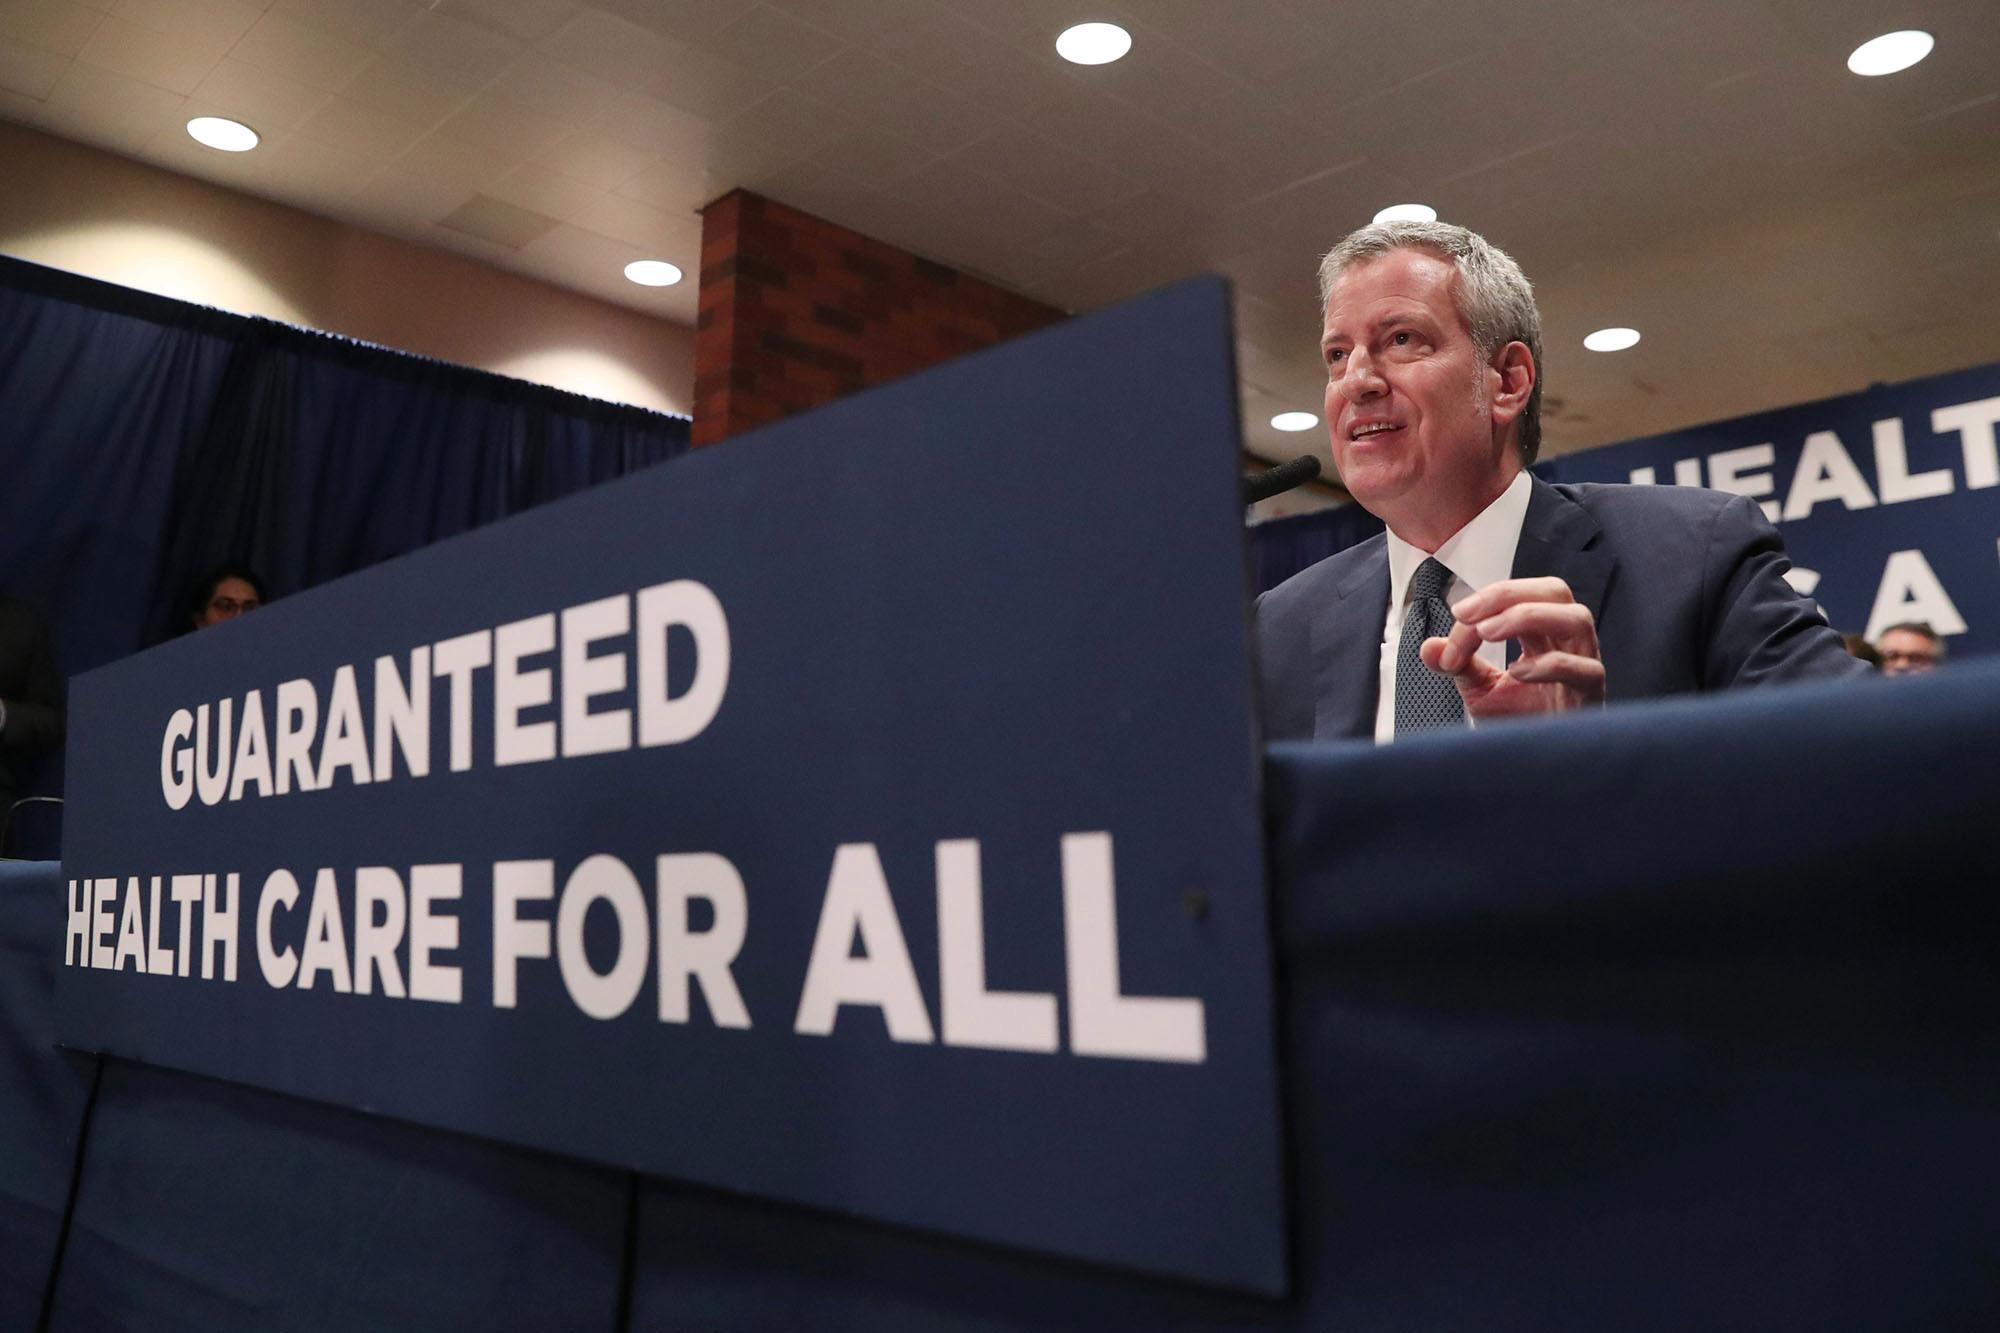 De Blasio's 'universal' health care is one big con